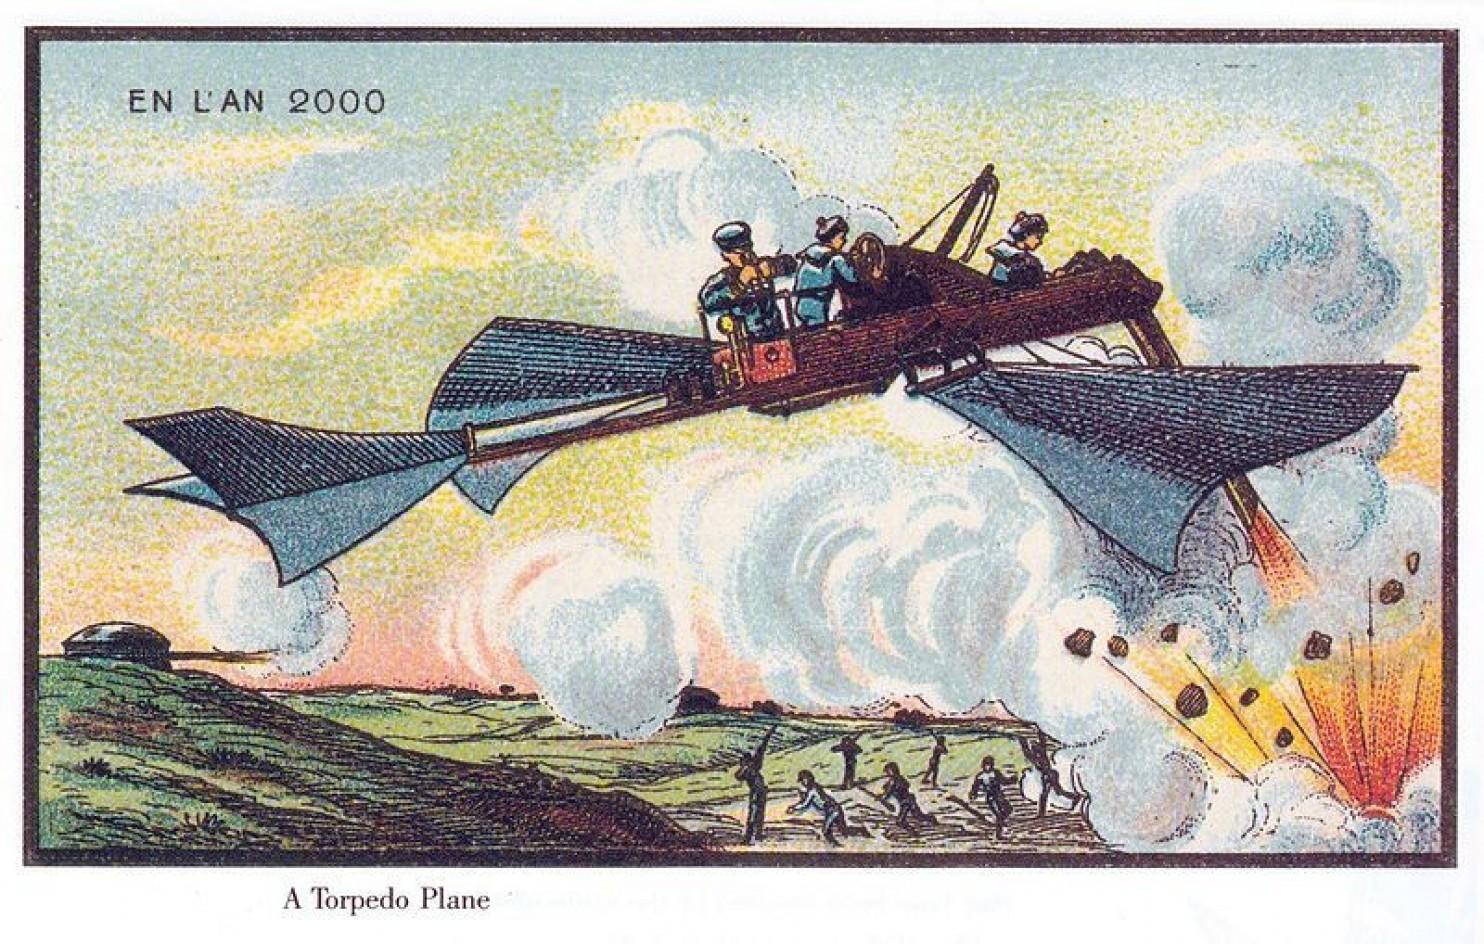 como imaginaban el futuro en 1900 ilustraciones 17